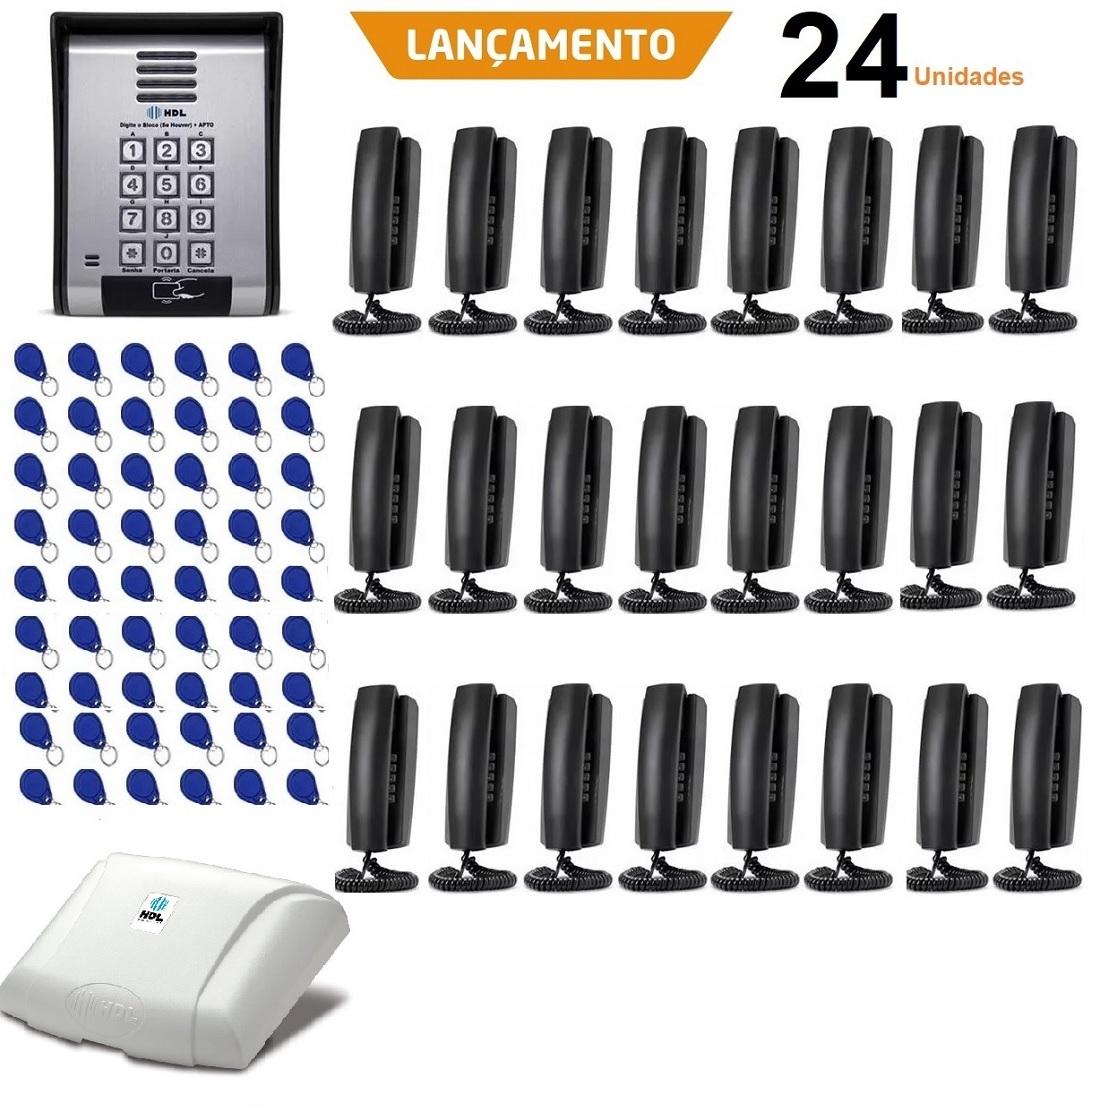 Interfone Coletivo HDL 24 Pontos e Controle de Acesso Cartão Tag